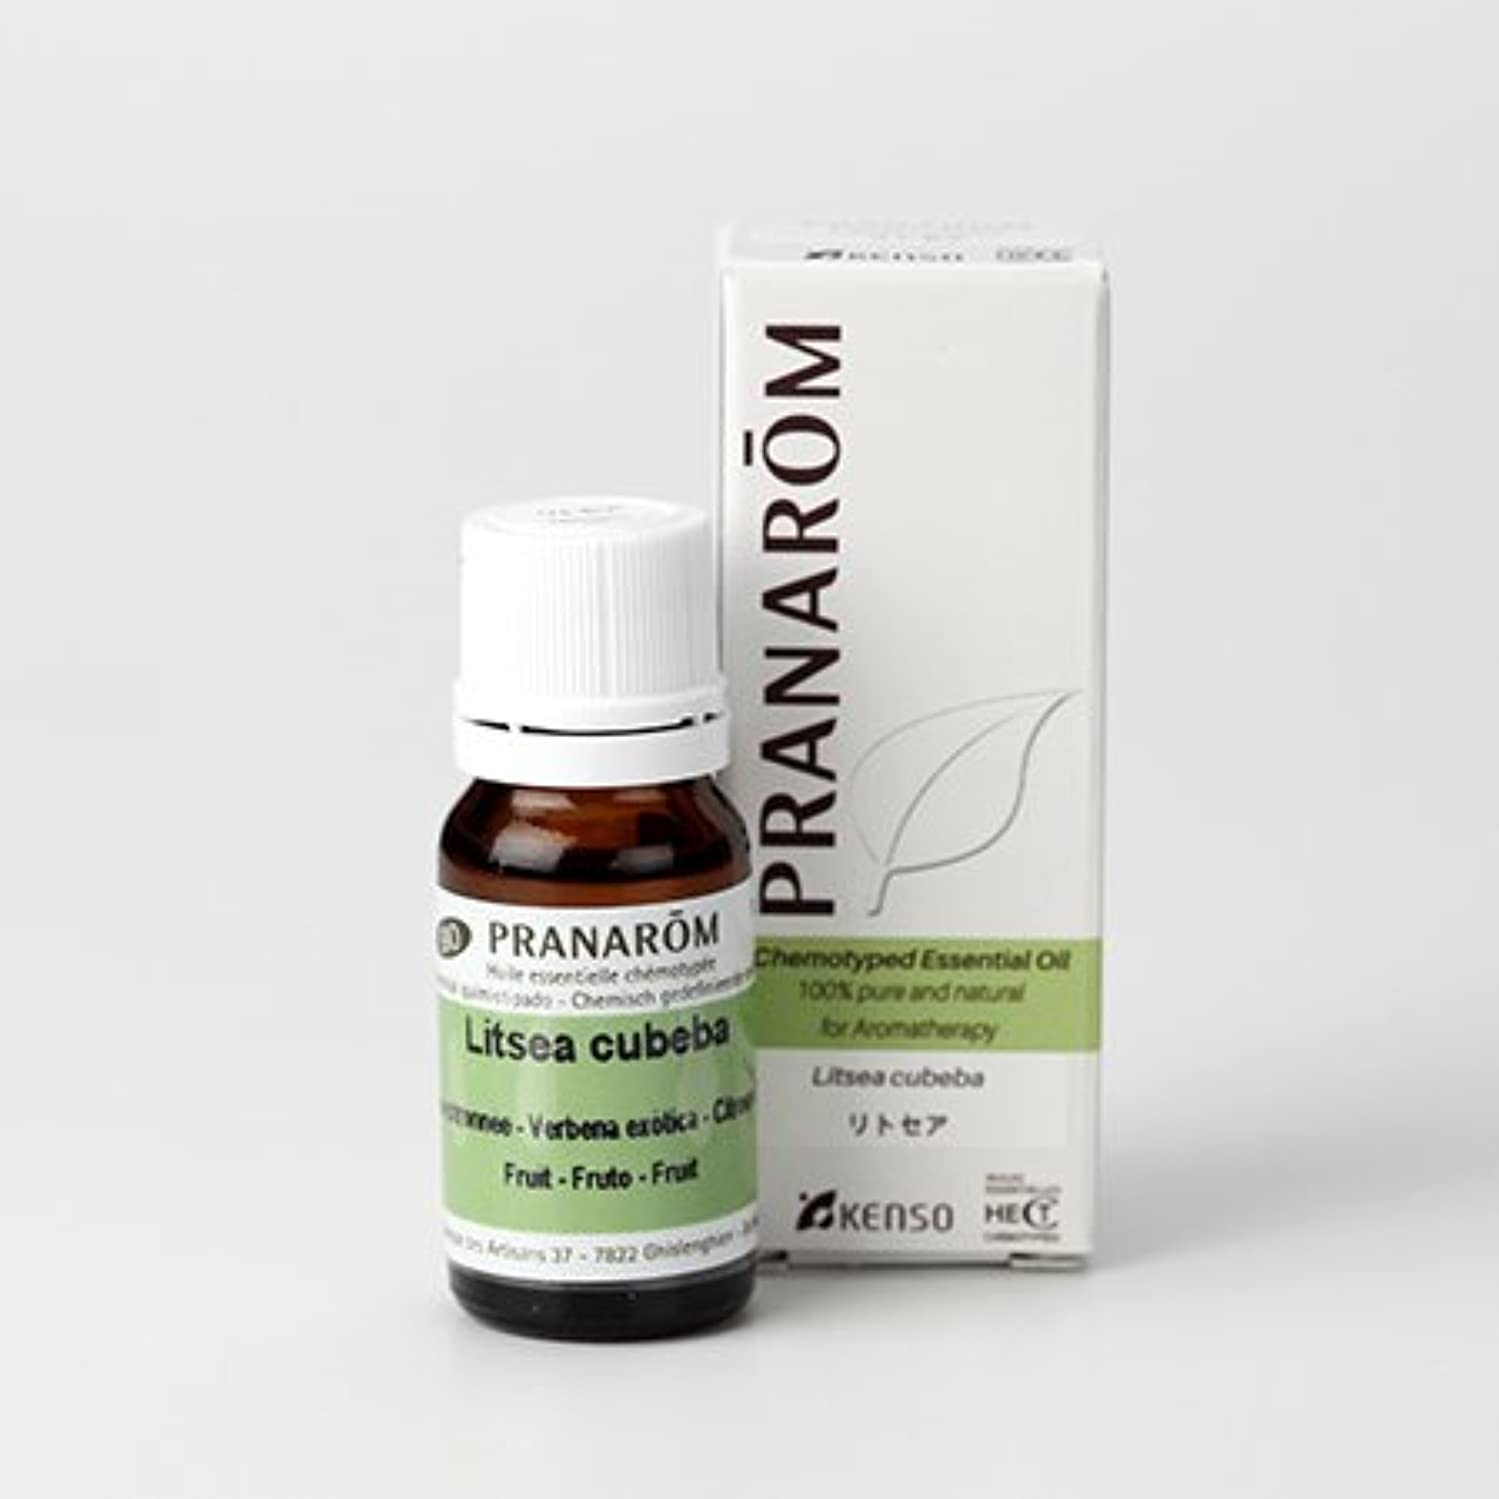 寂しいストレッチオフプラナロム ( PRANAROM ) 精油 リトセア 10ml p-107